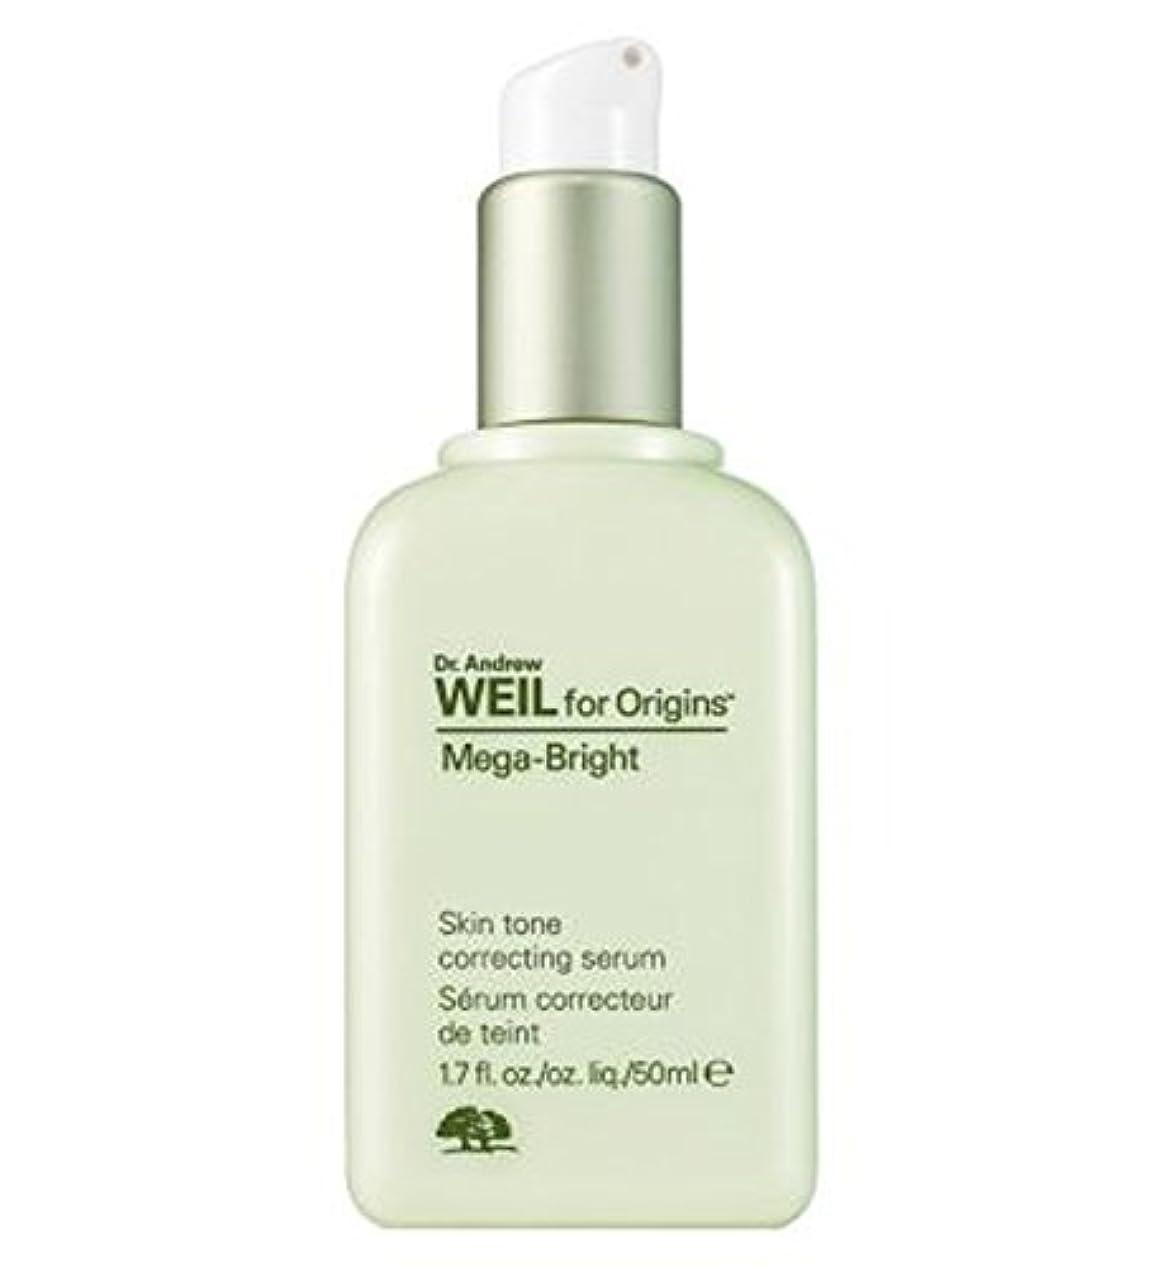 潜む更新リー起源のDrワイルメガ明るい肌色補正血清50ミリリットル (Origins) (x2) - Origins Dr Weil Mega-Bright Skin Tone Correcting Serum 50ml (Pack of 2) [並行輸入品]